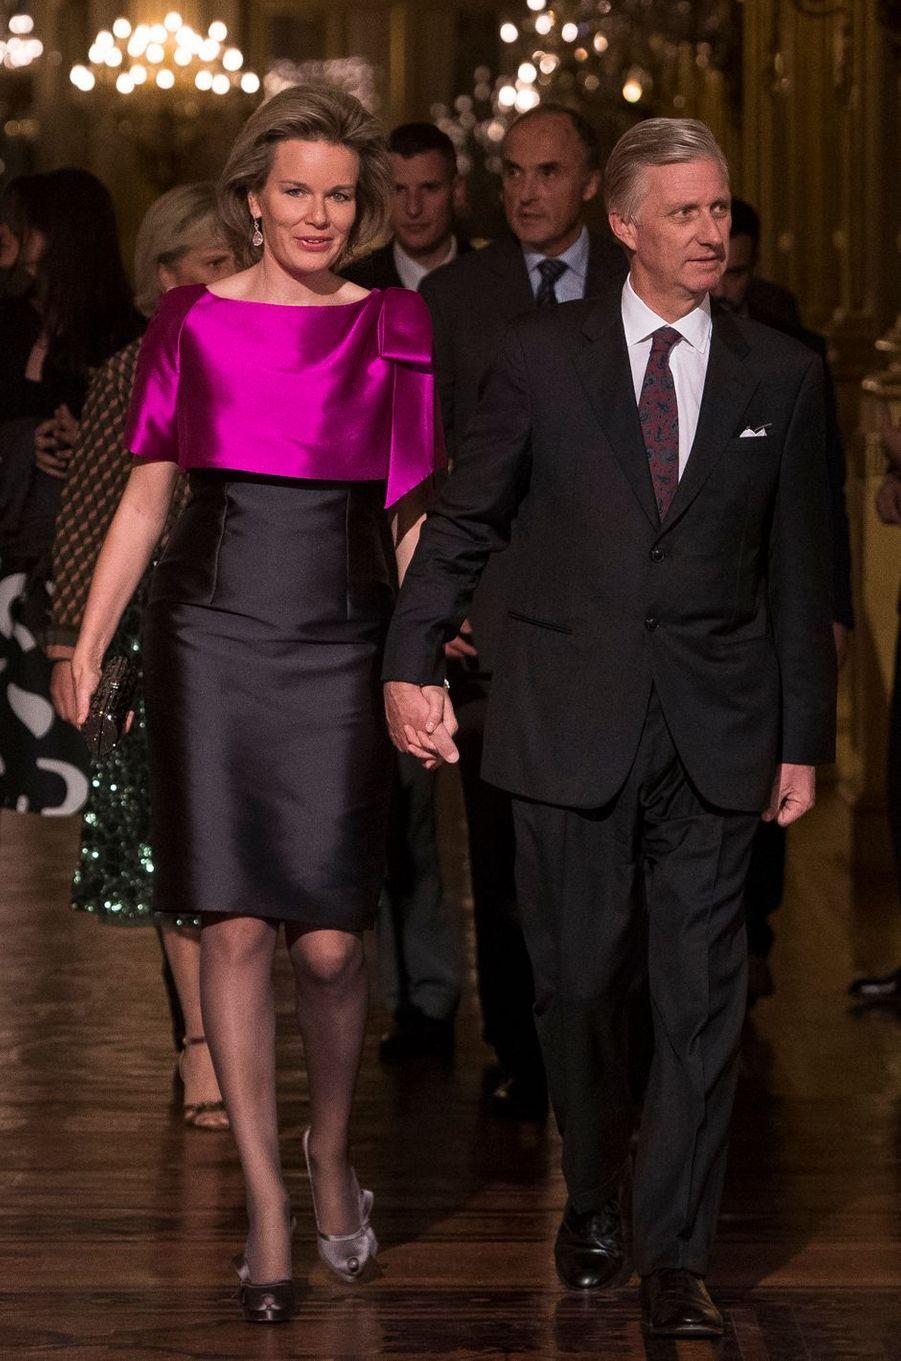 La reine Mathilde et le roi Philippe de Belgique au Palais royal à Bruxelles, le 19 octobre 2016